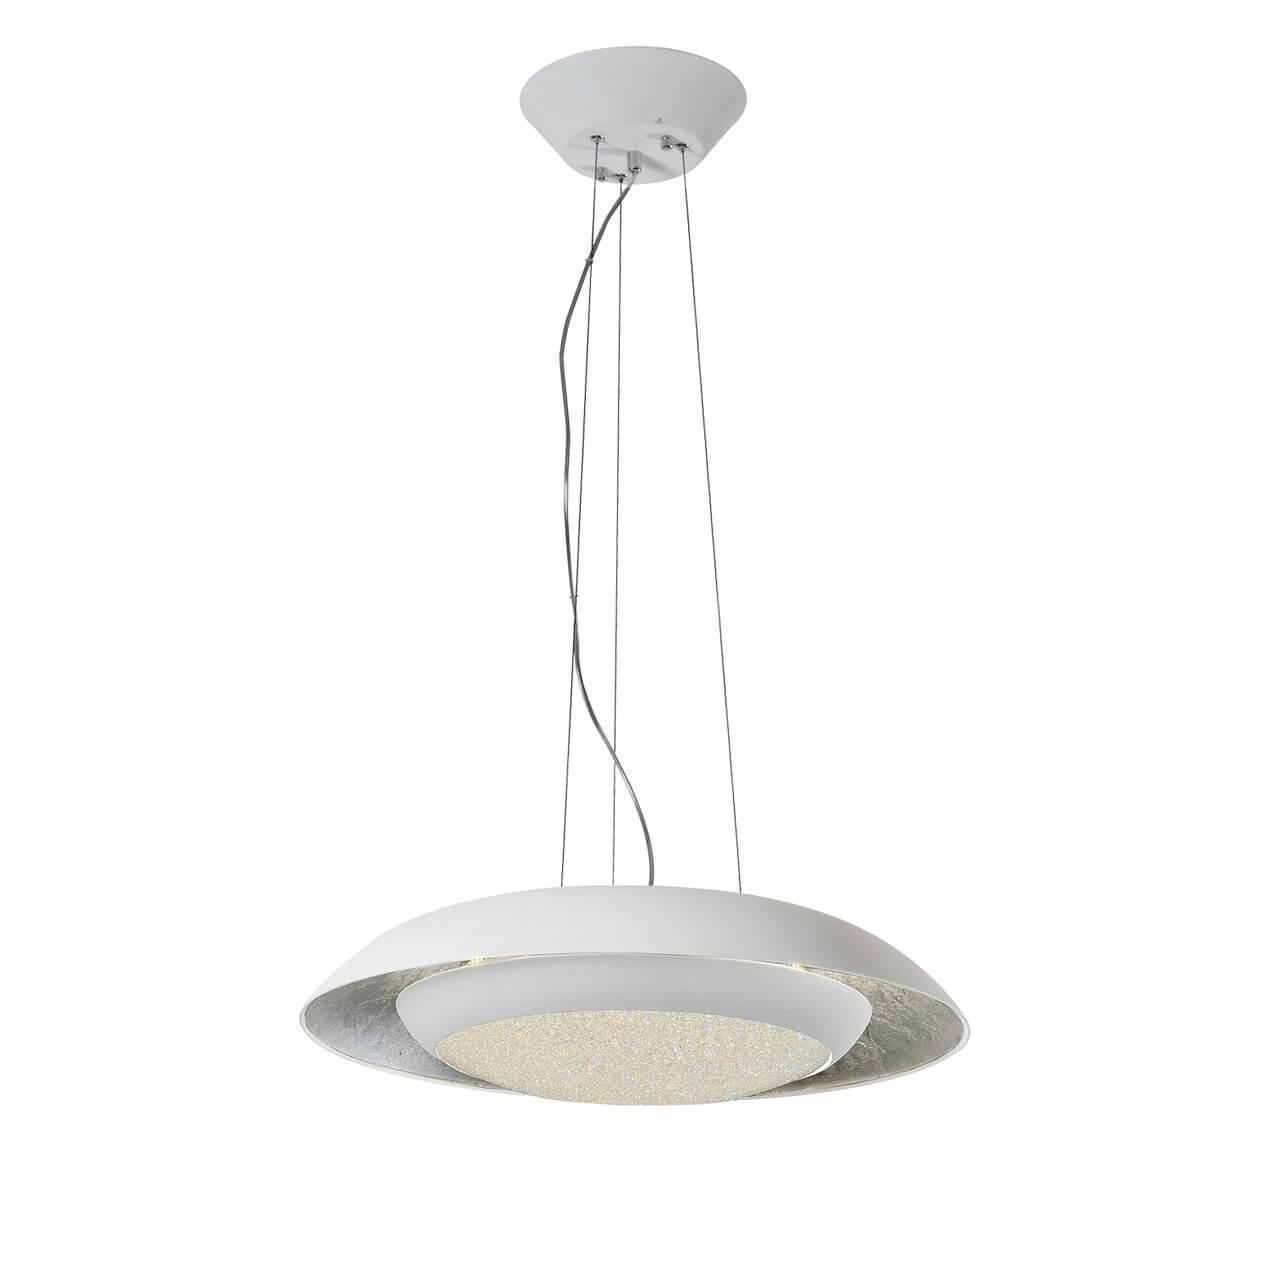 Подвесной светодиодный светильник Favourite Spiegel 2115-1P подвесной светодиодный светильник favourite tube 2107 1p